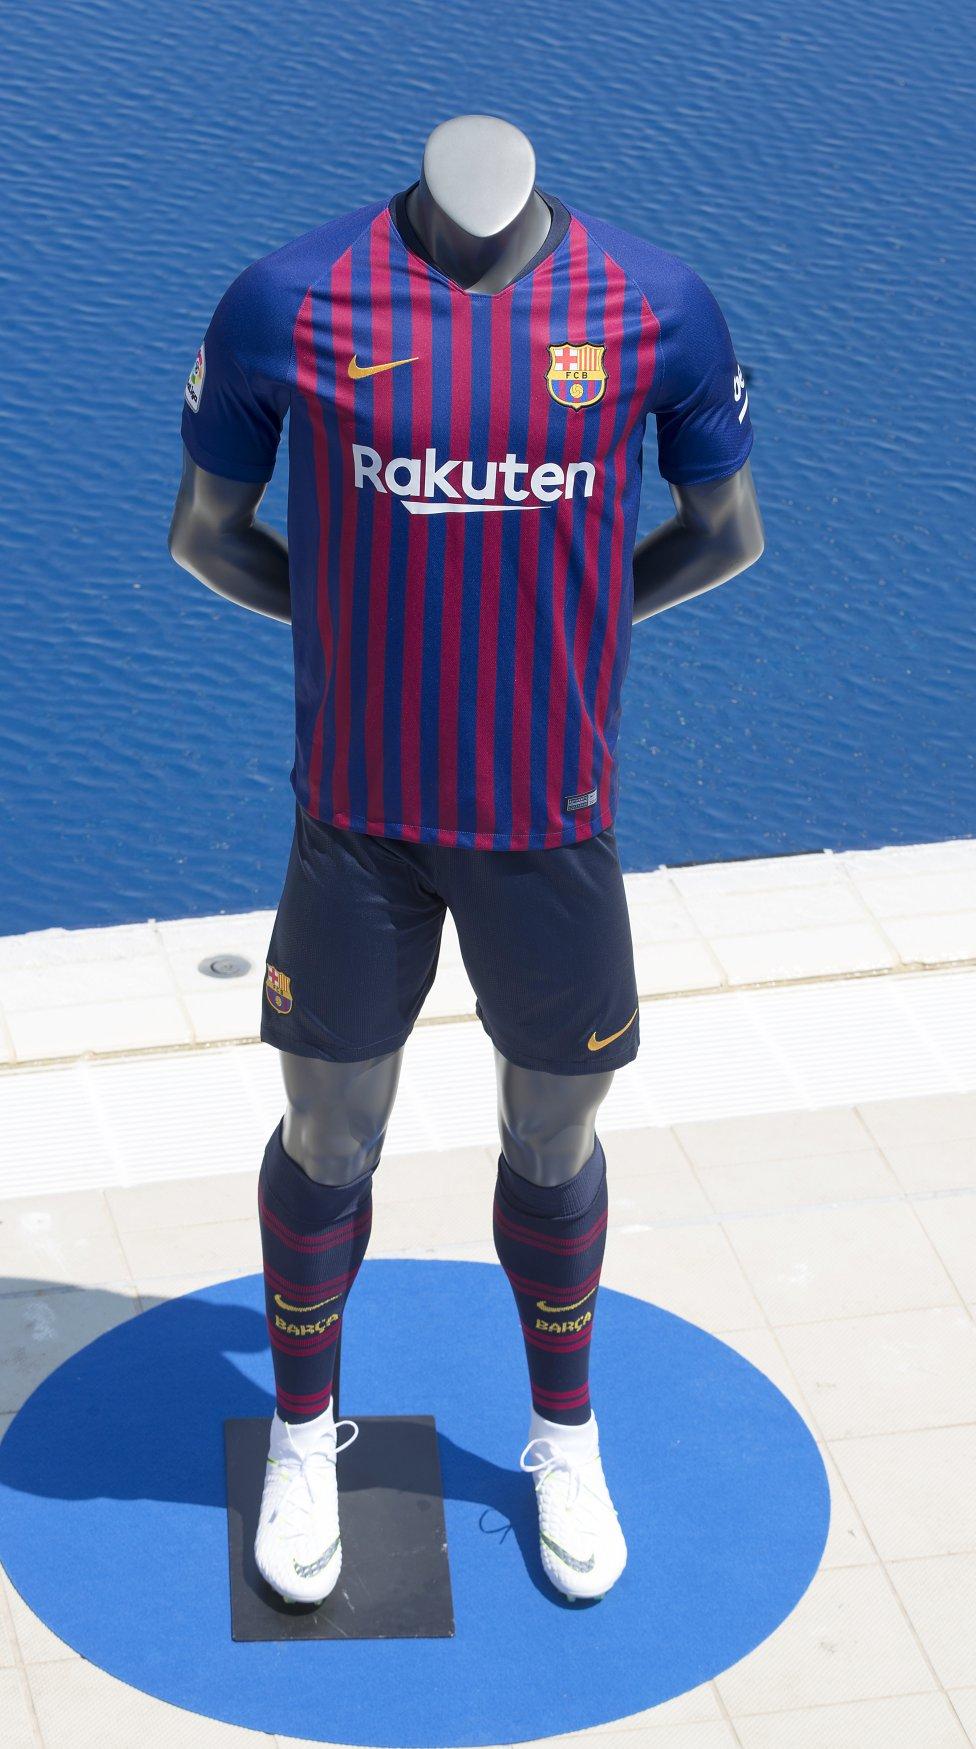 حفل تقديم القميص الجديد لنادي برشلونة لموسم 2018-2019 1526726915_488256_1526731188_album_grande